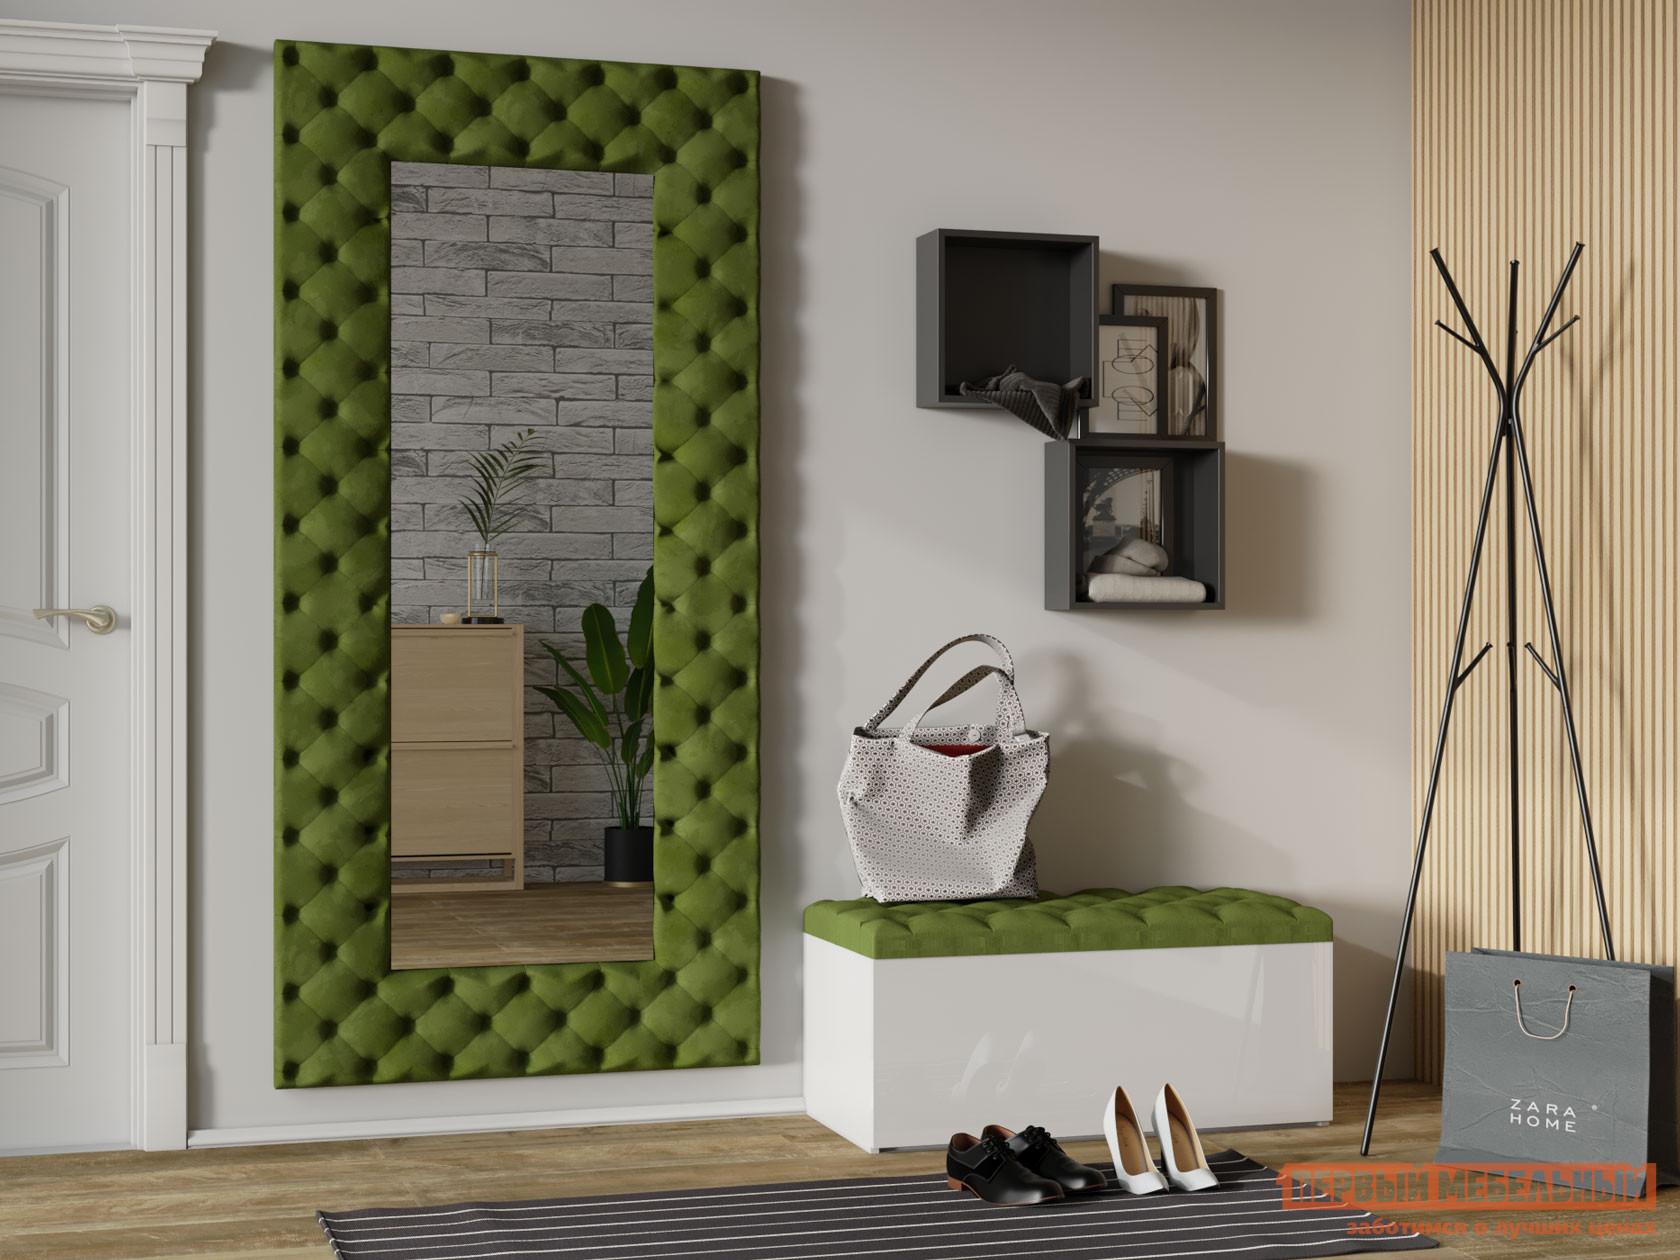 Комплект мебели для прихожей Мелания Комплект мебели для прихожей Графтон 3 тумбы для прихожей